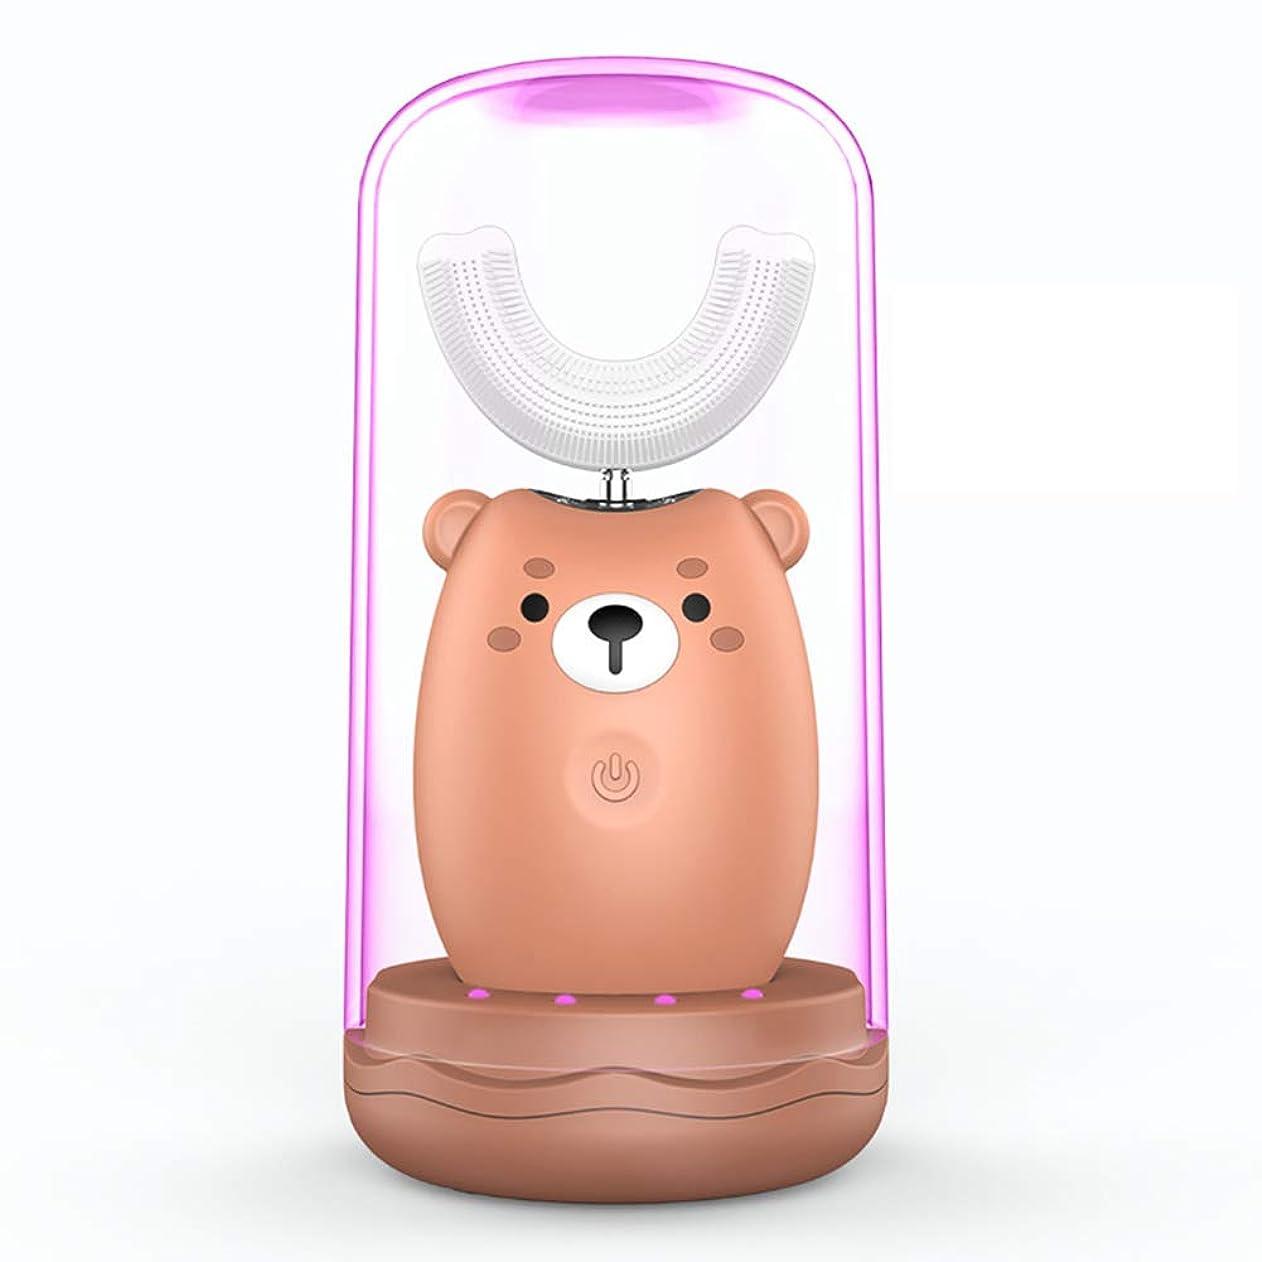 一口一緒成功する超音波子供電動歯ブラシ3スピード消毒うがいカップホワイトニング自動歯ブラシ特別に設計された子供2-6歳児